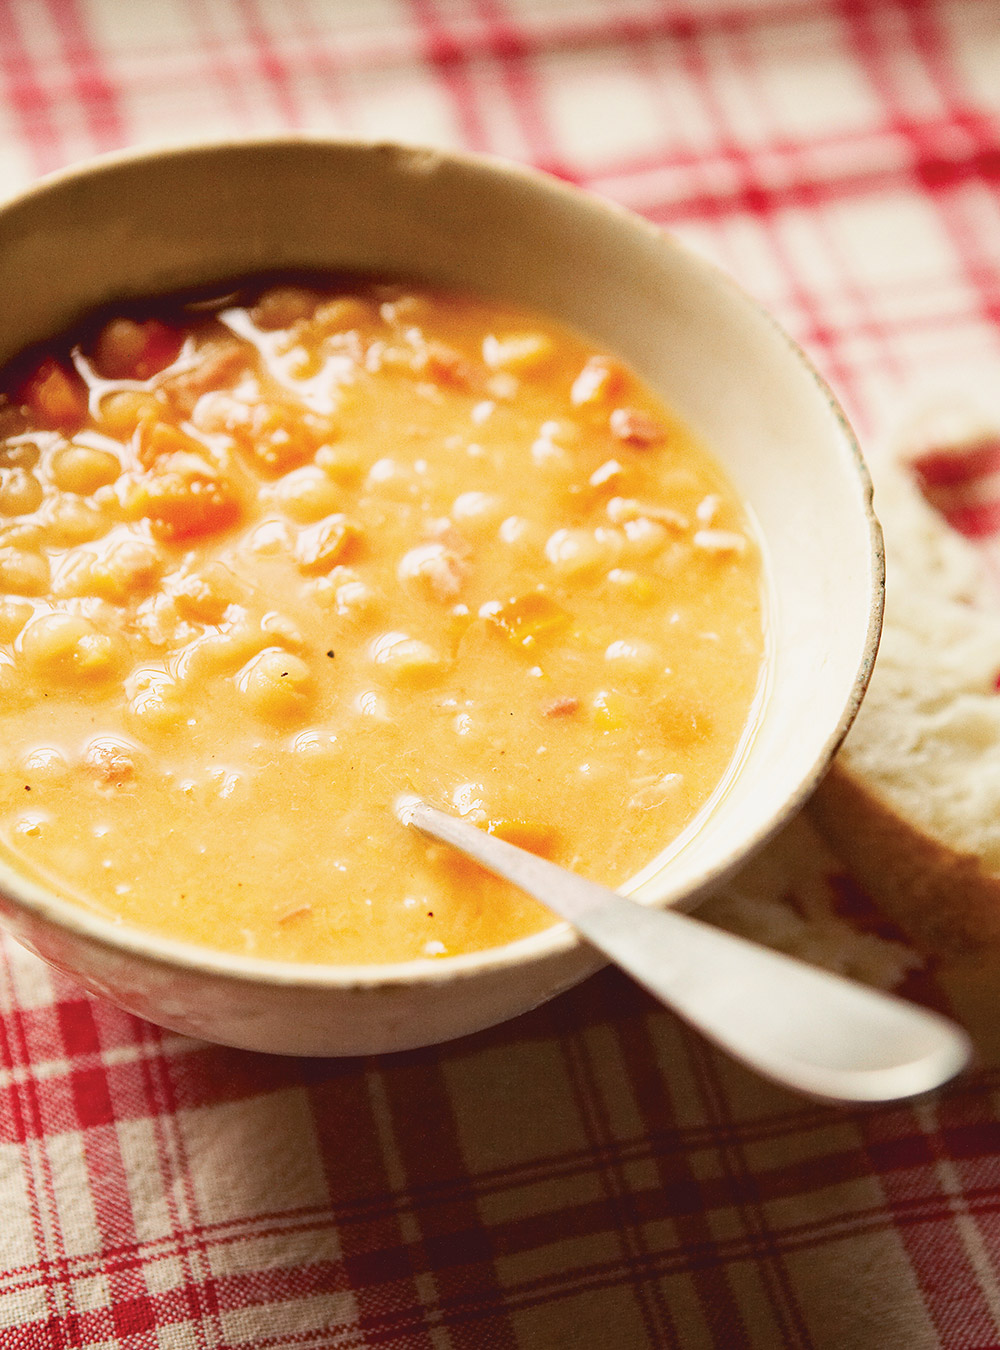 Soupe aux pois ricardo for Articles de cuisine ricardo